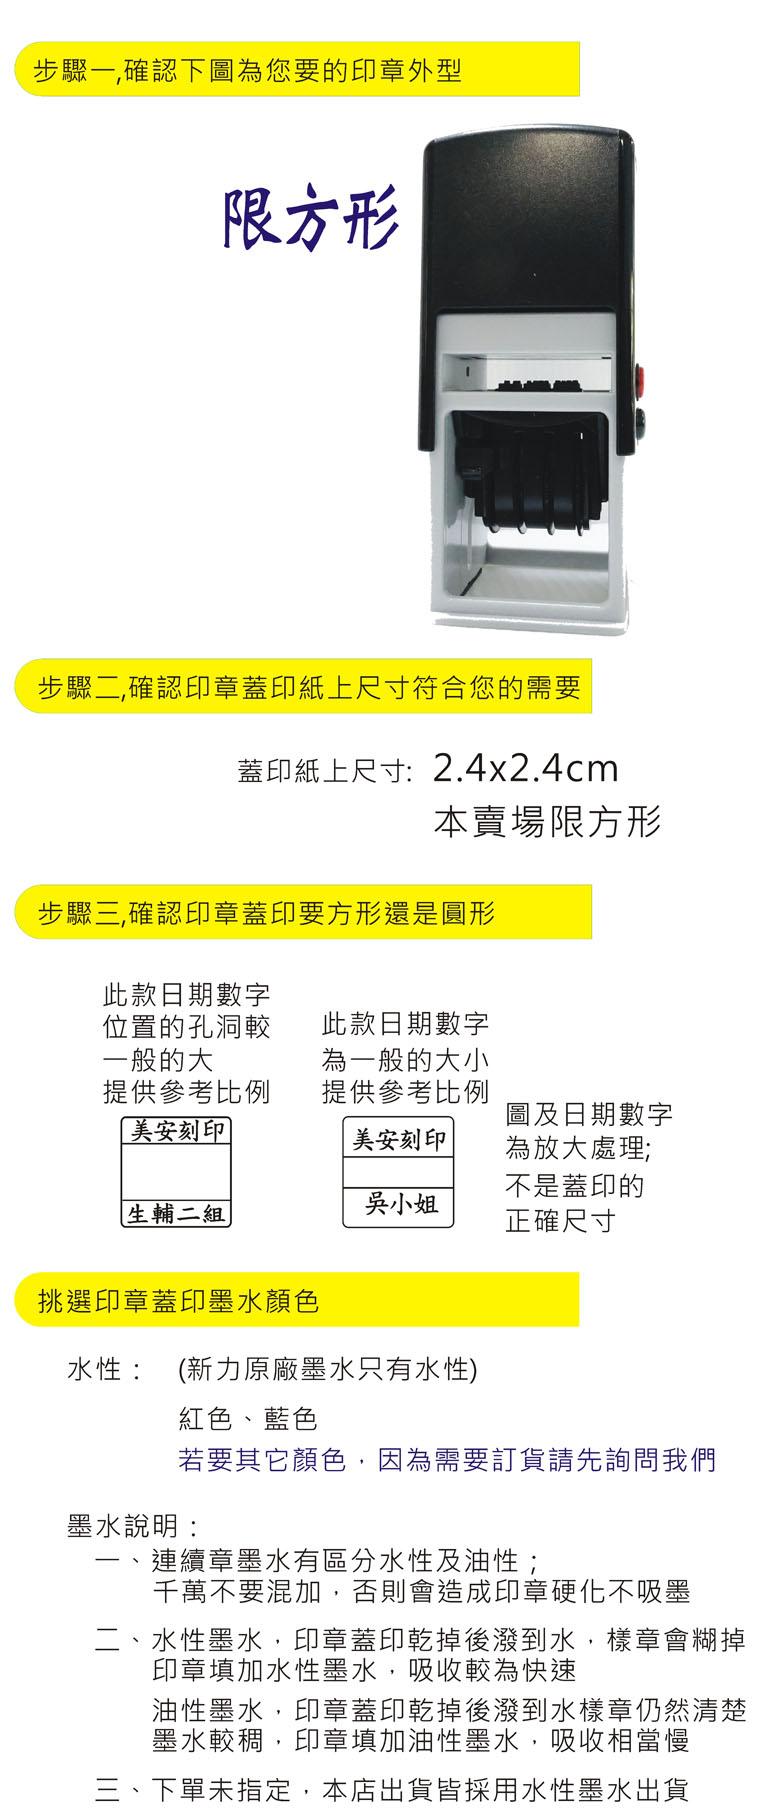 台灣西曆八分方形連續日期章